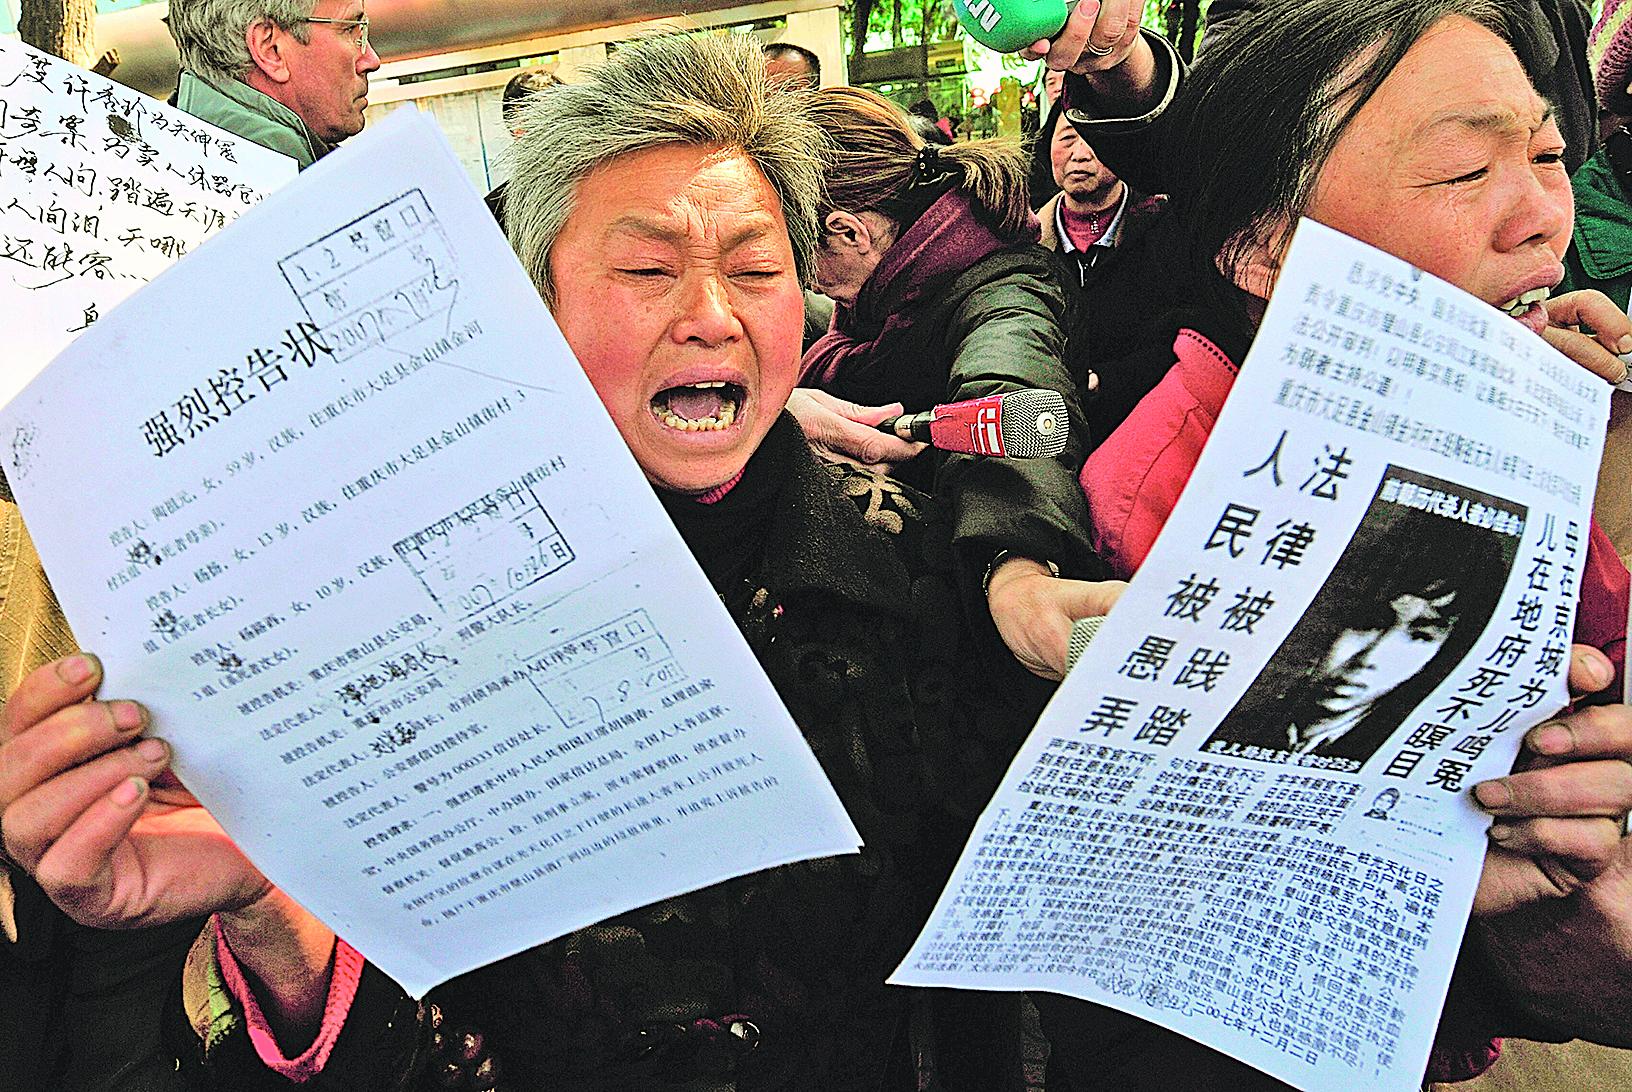 圖為在北京上訪喊冤的中國訪民。(Getty Images)